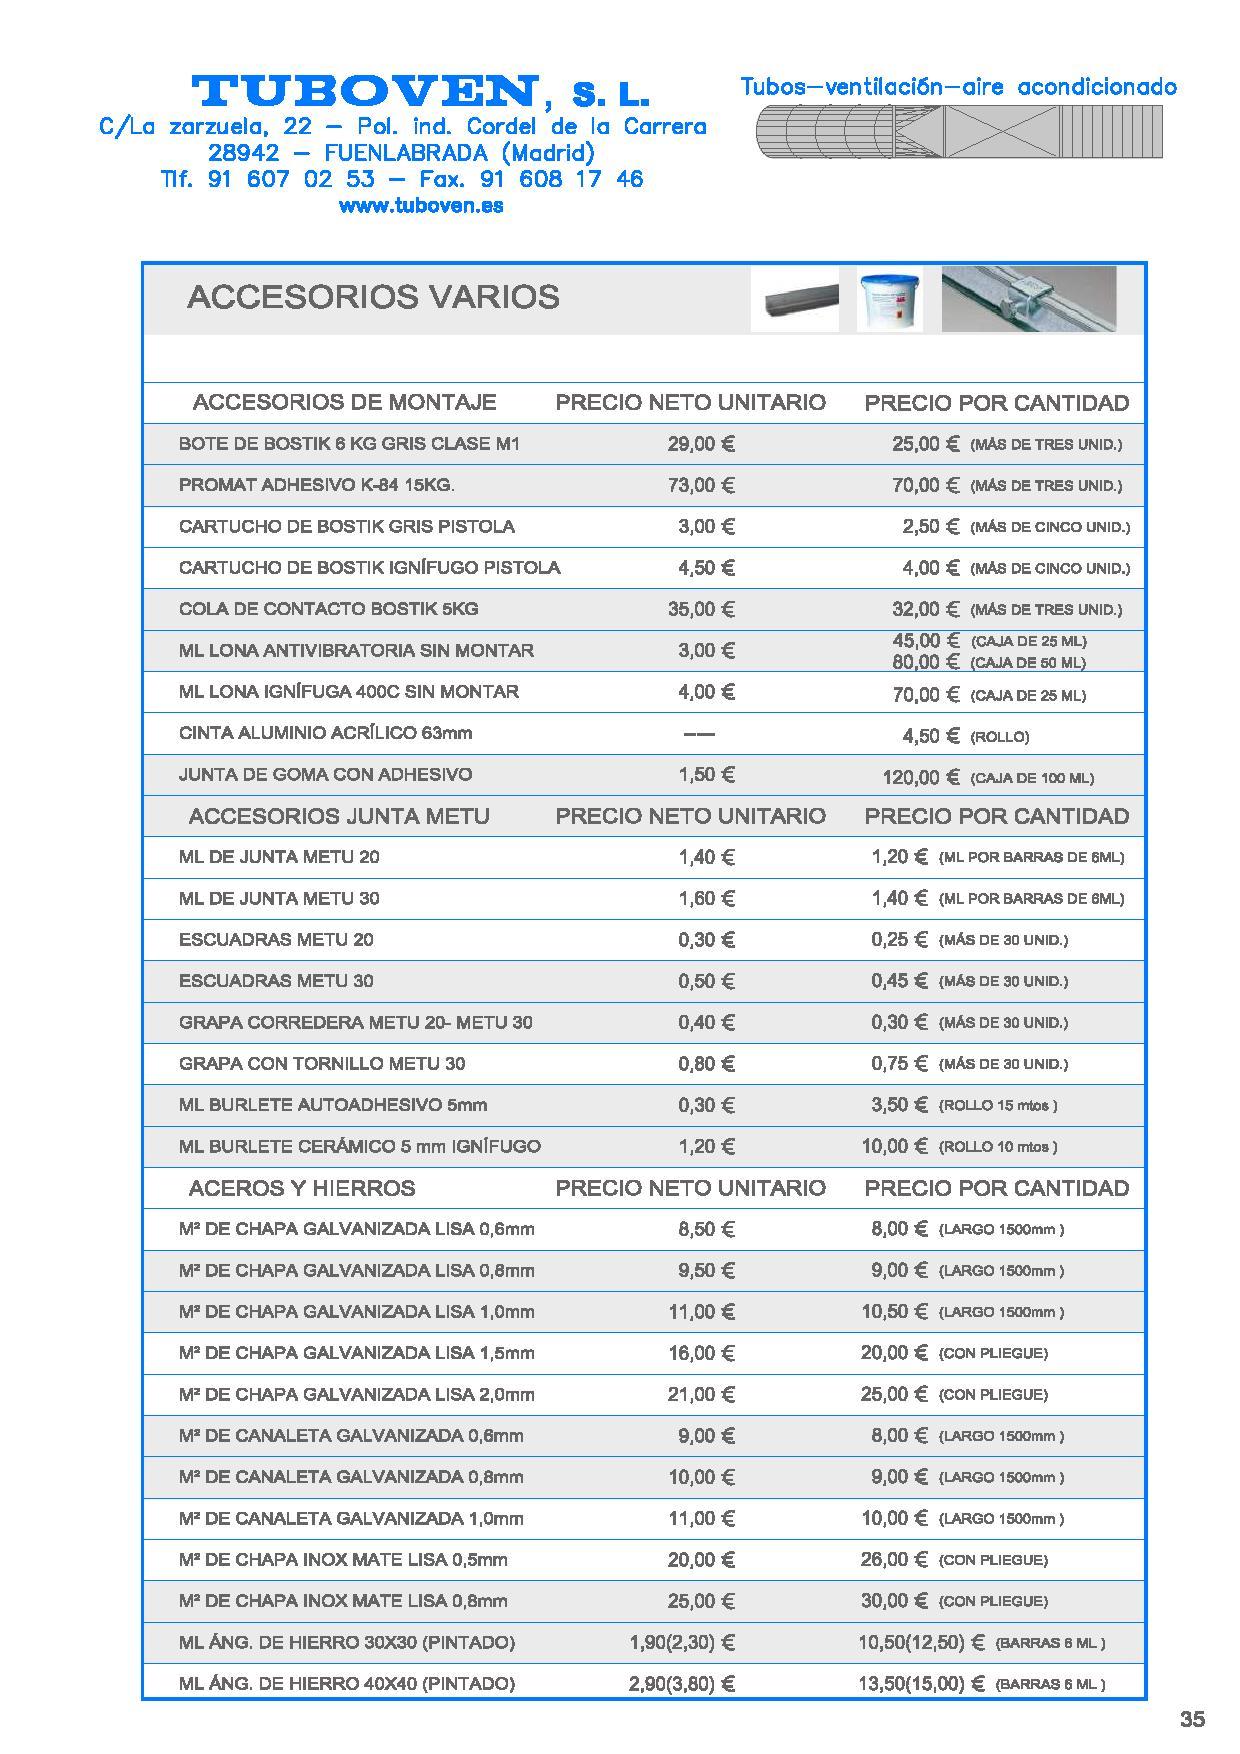 Detalle - Accesorios